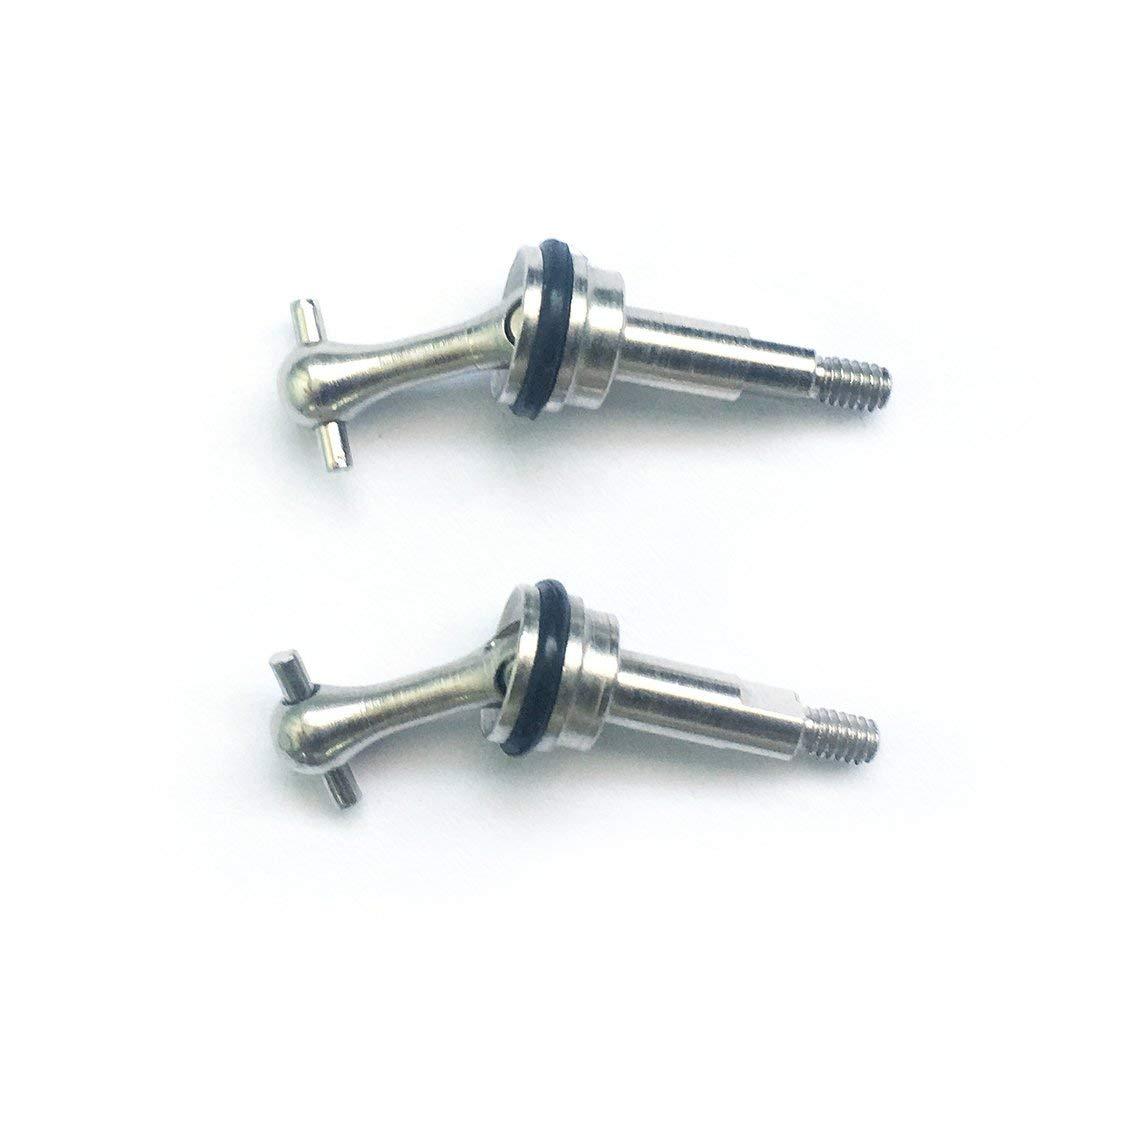 Silber Vige 2 st/ücke getriebewelle Metall hundeknochen f/ür wltoys 1//28 k989 rc Auto Off-Road Modell ersatzteile zubeh/ör komponente